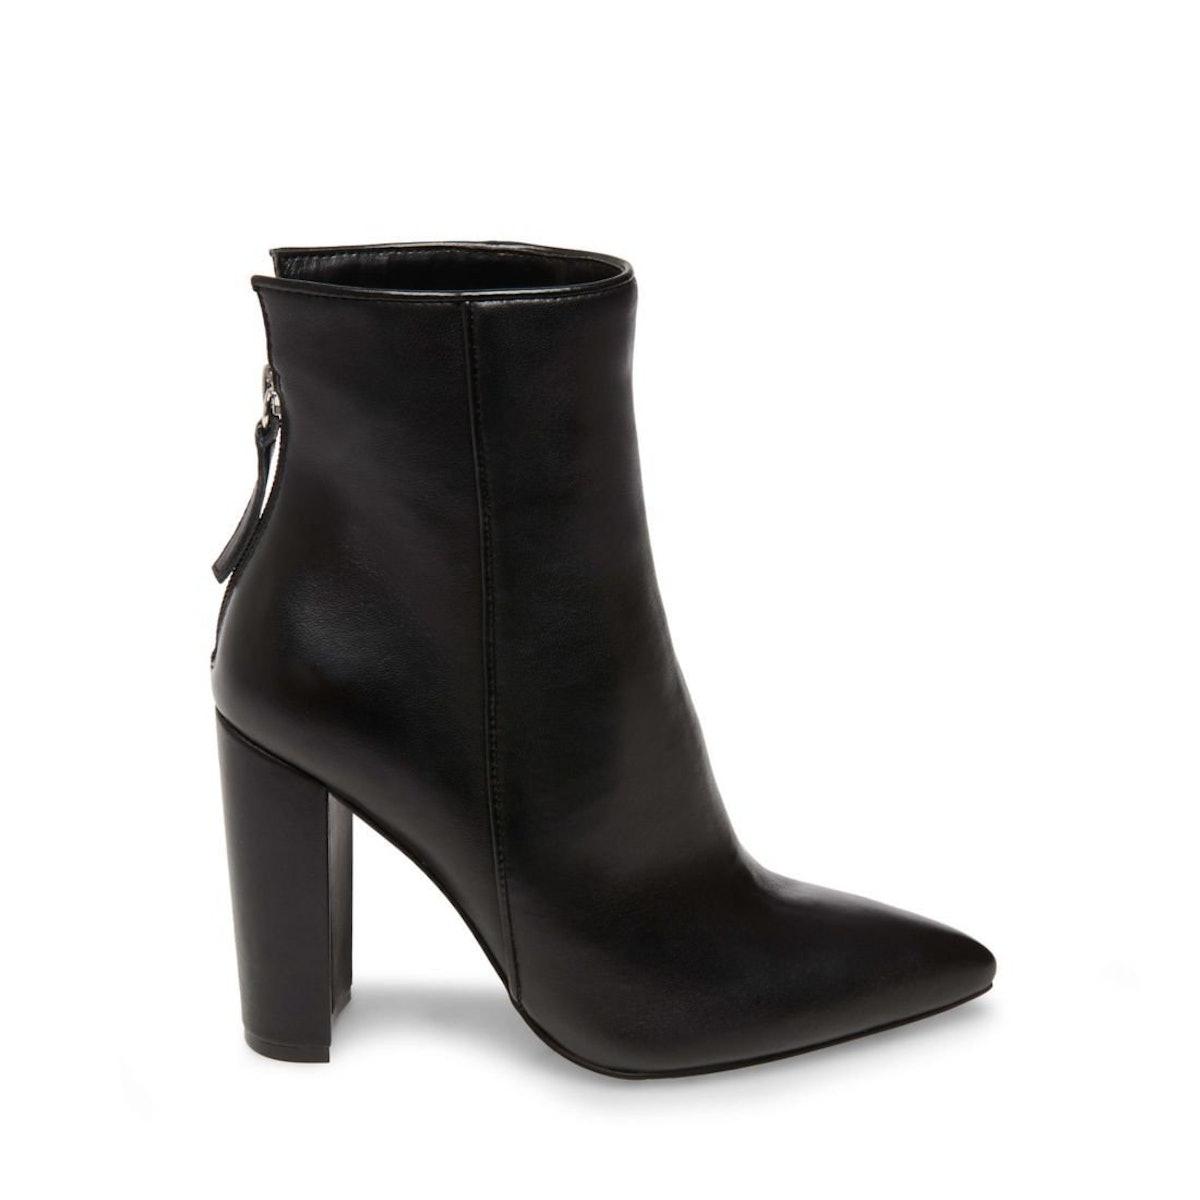 Trista Black Leather